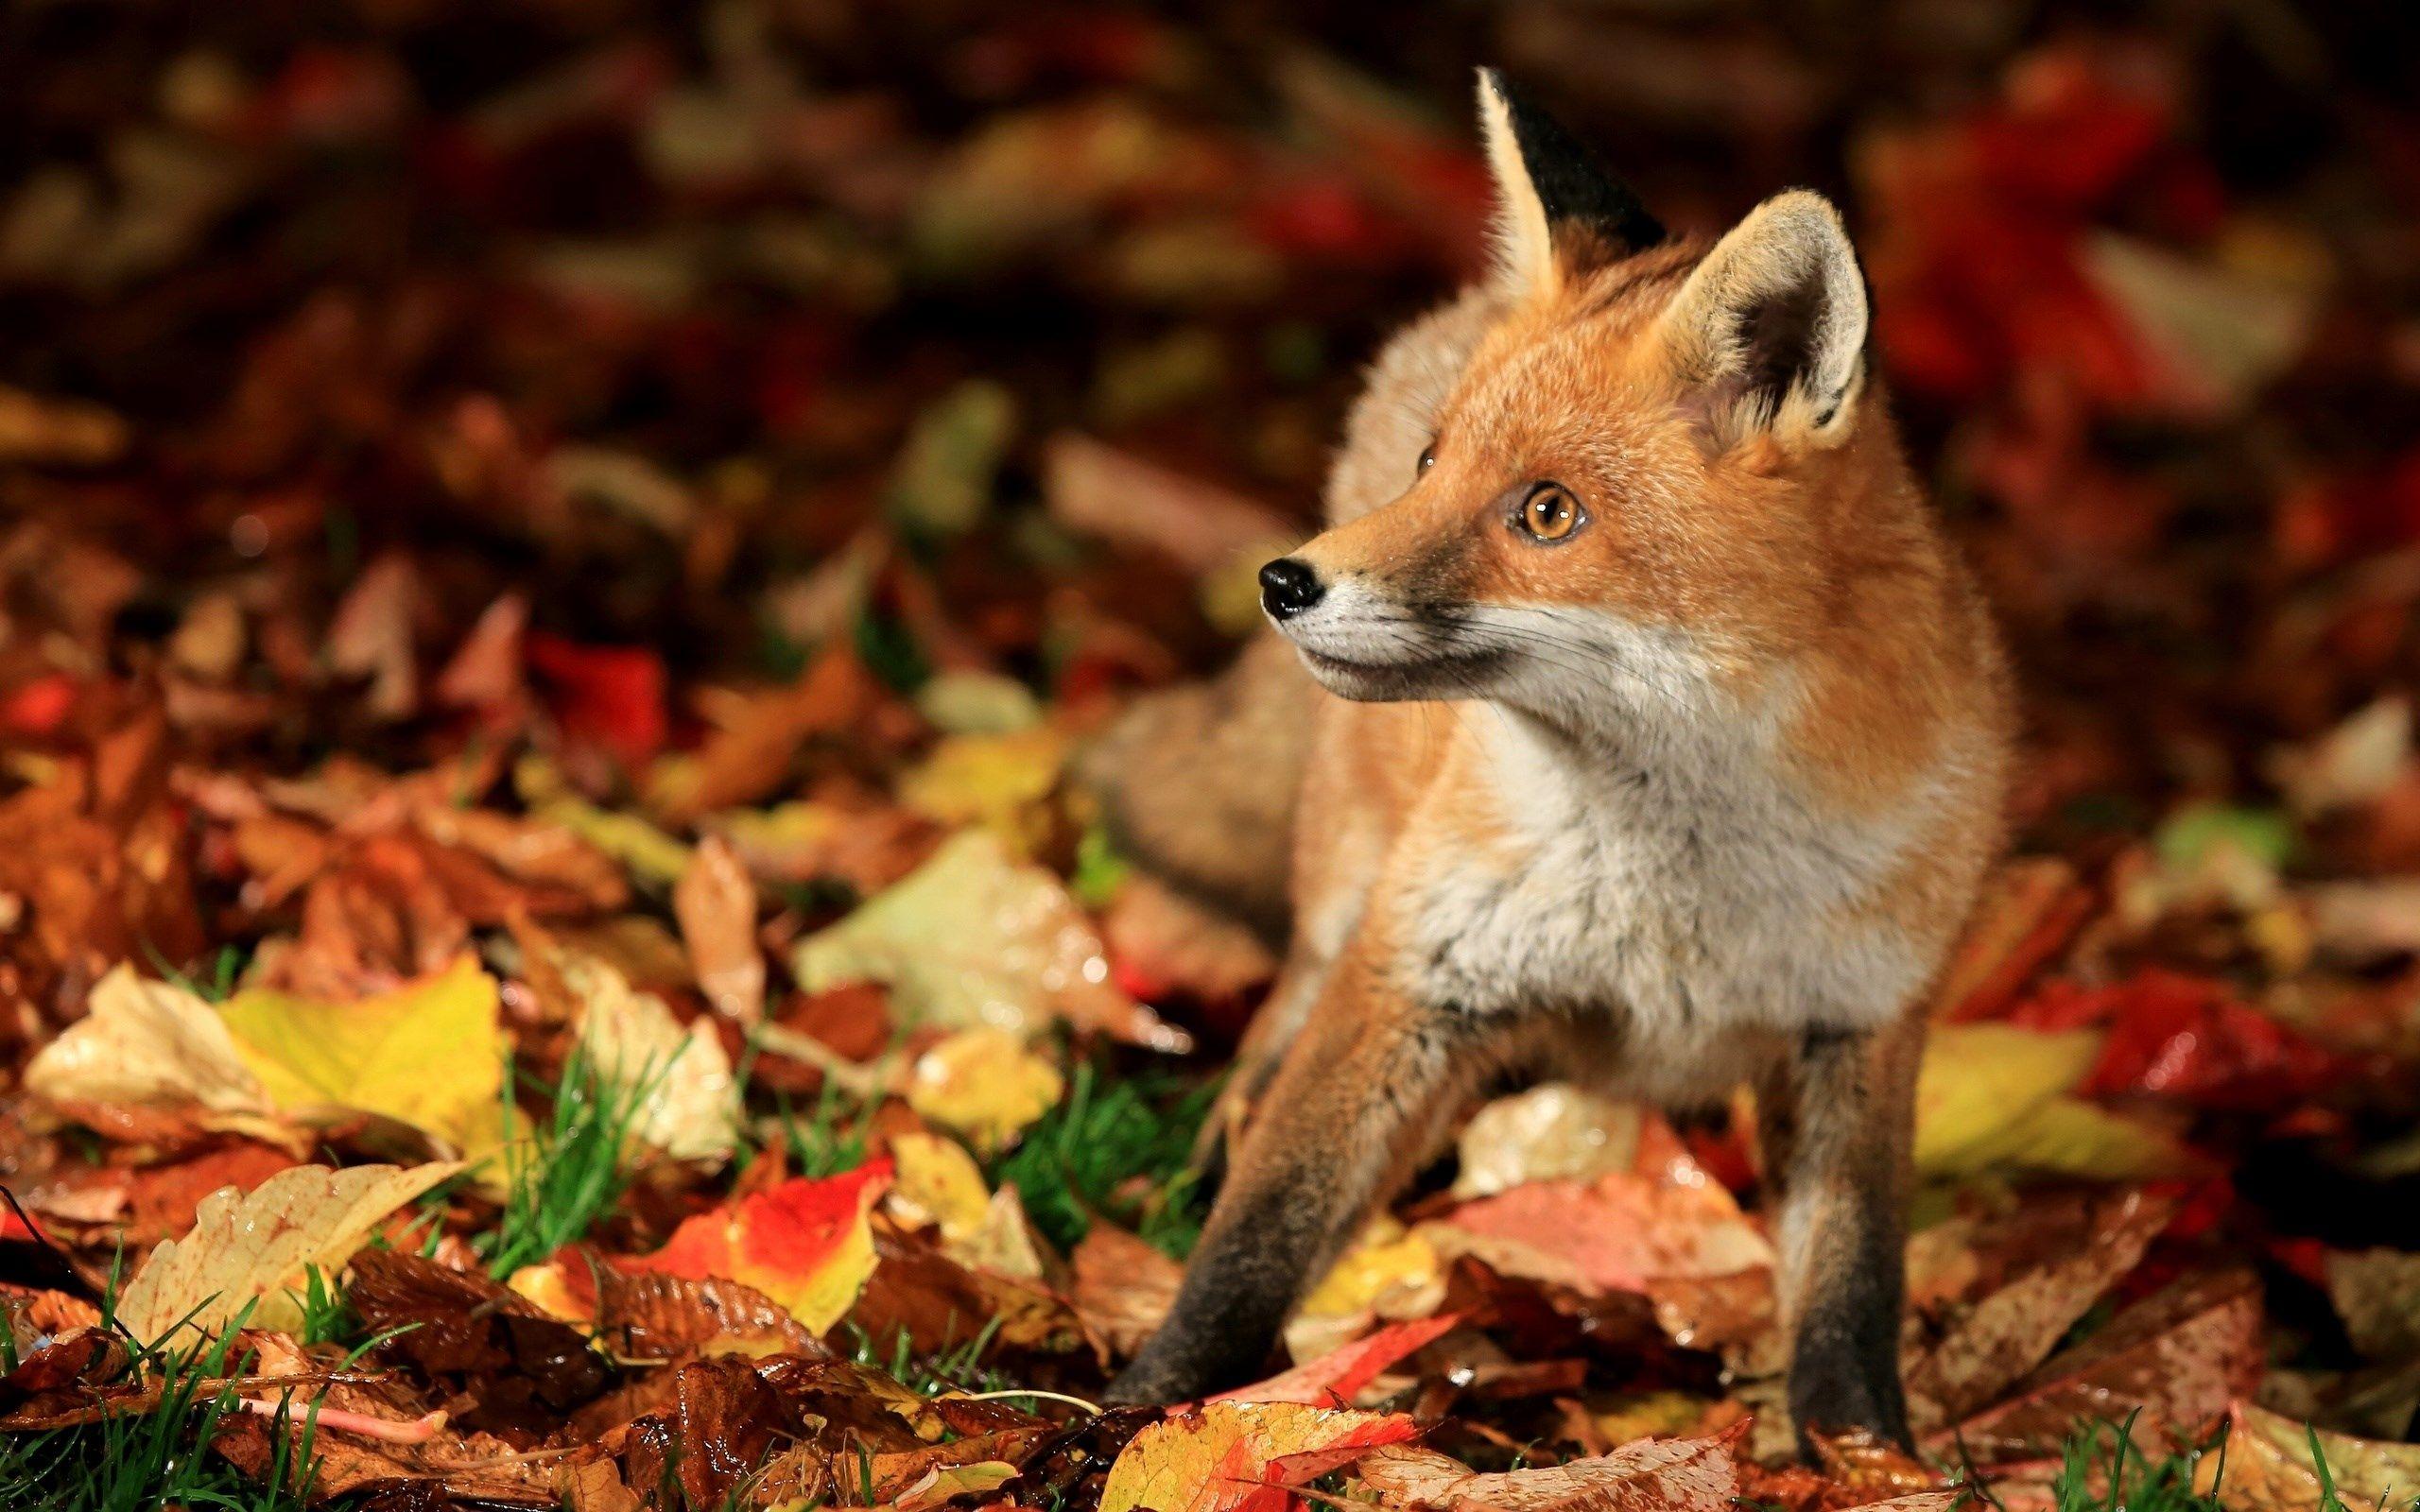 Fox Wallpapers 1080p High Quality 2560x1600 592 Kb Fox